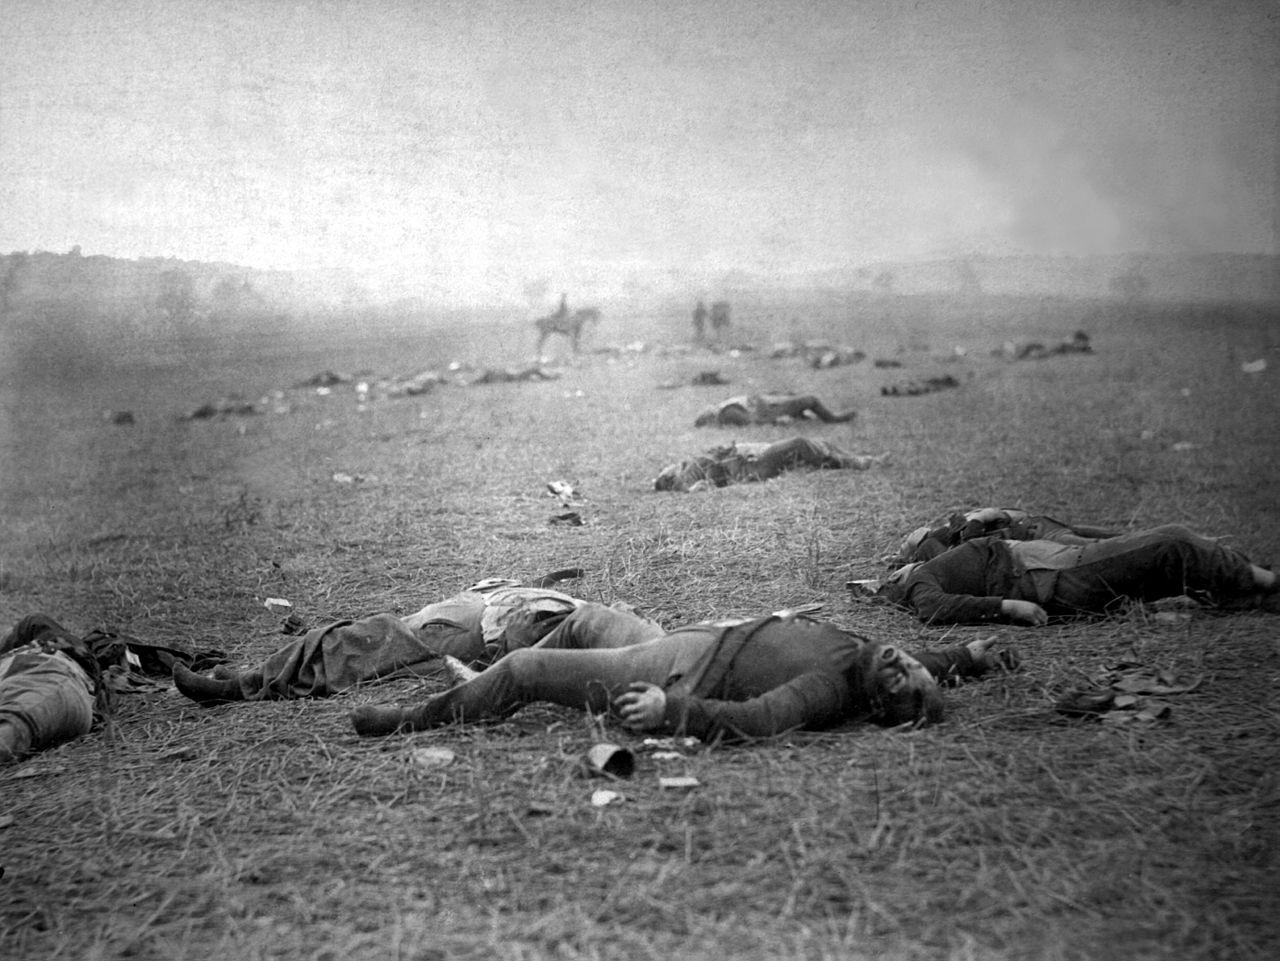 1863年7月5日-7月6日所攝之蓋茲堡之役、聯邦軍陣亡者。(國會圖書館)